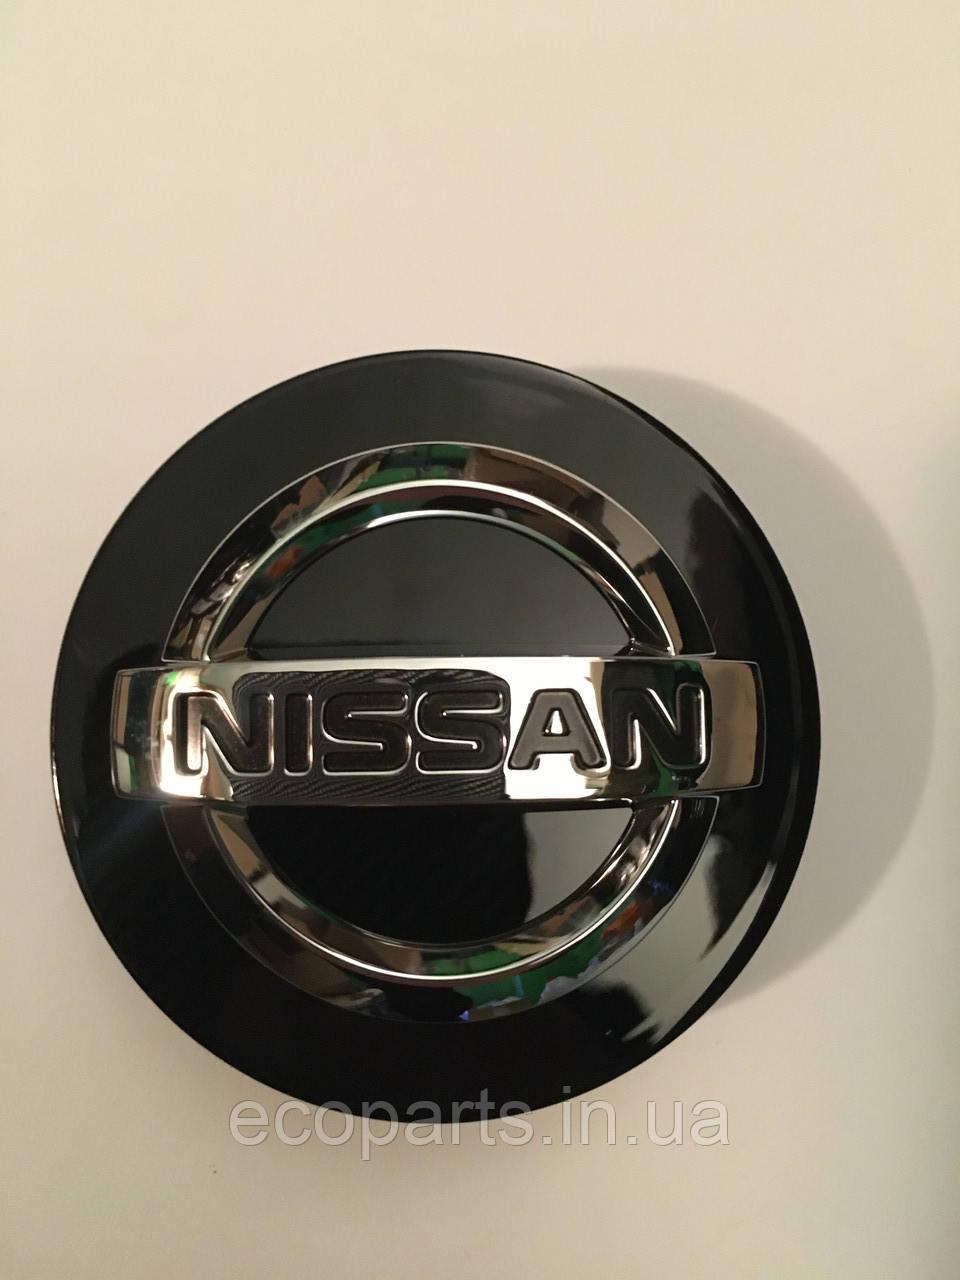 Ковпачок колісного диска Nissan Leaf (Оригінал)